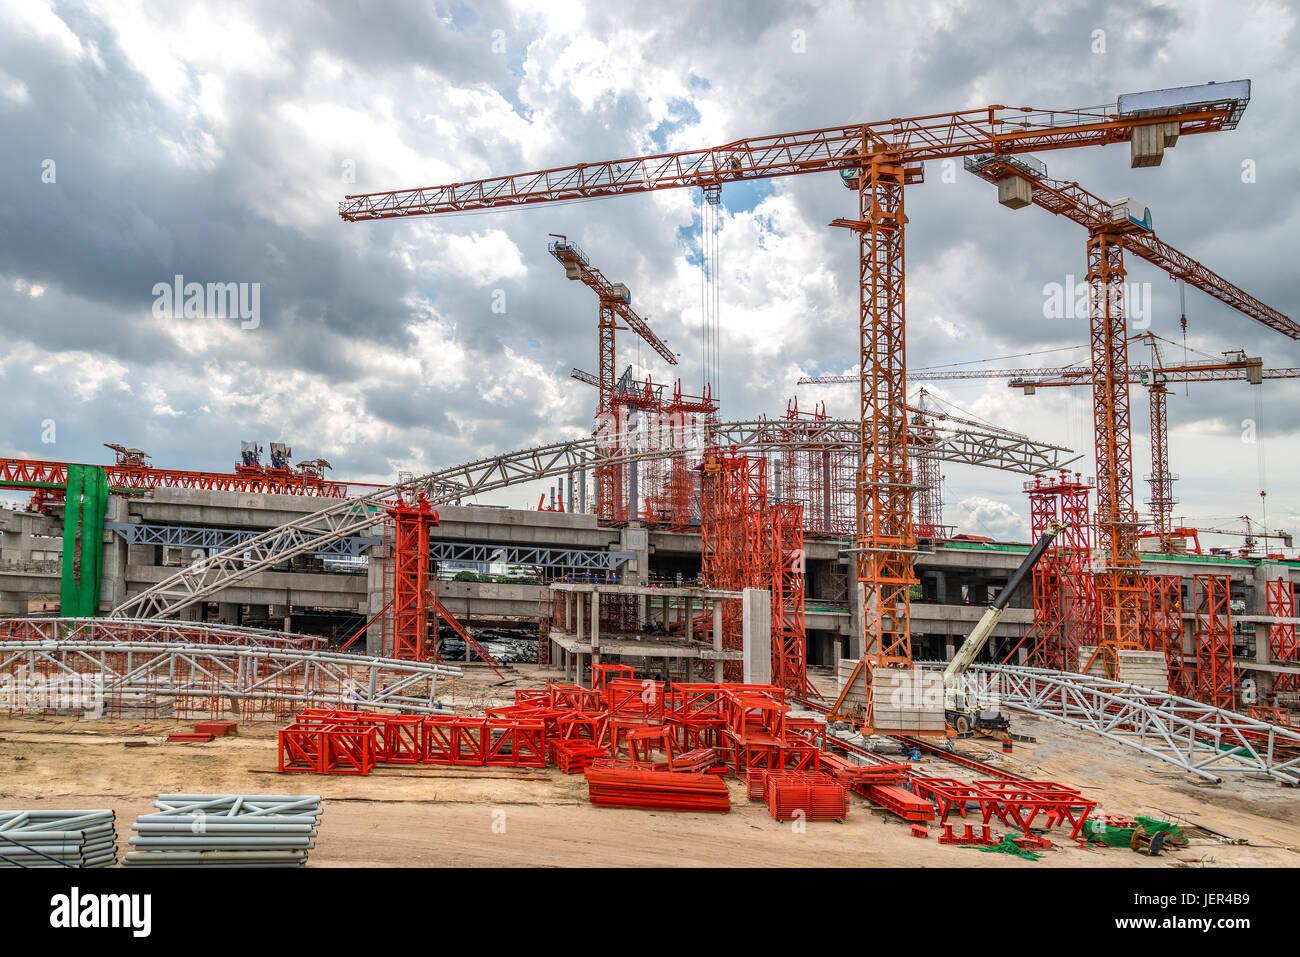 Travailler sur les grues des chantiers de construction de l'autoroute en Asie Banque D'Images